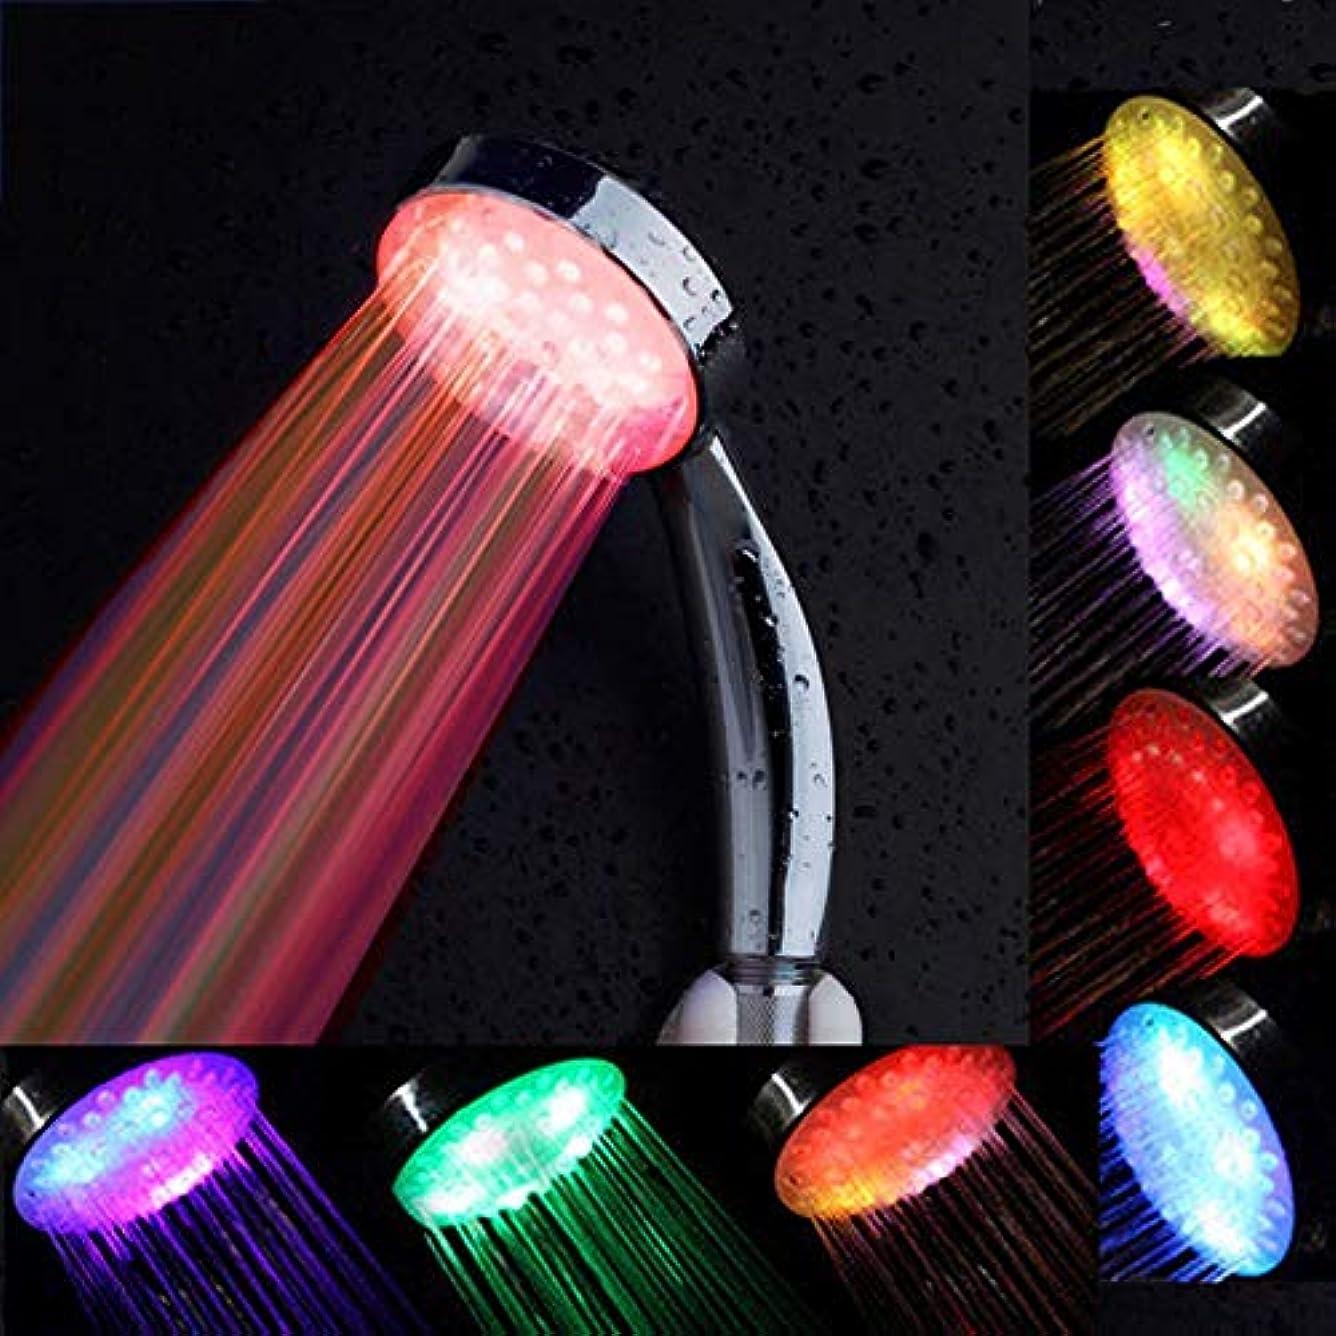 アテンダント記念オペレーターLEDシャワーヘッド、手持ち式シャワーヘッド7色手持ち式高圧力スパシャワーヘッドスプリンクラーシャワーシャワーヘッド